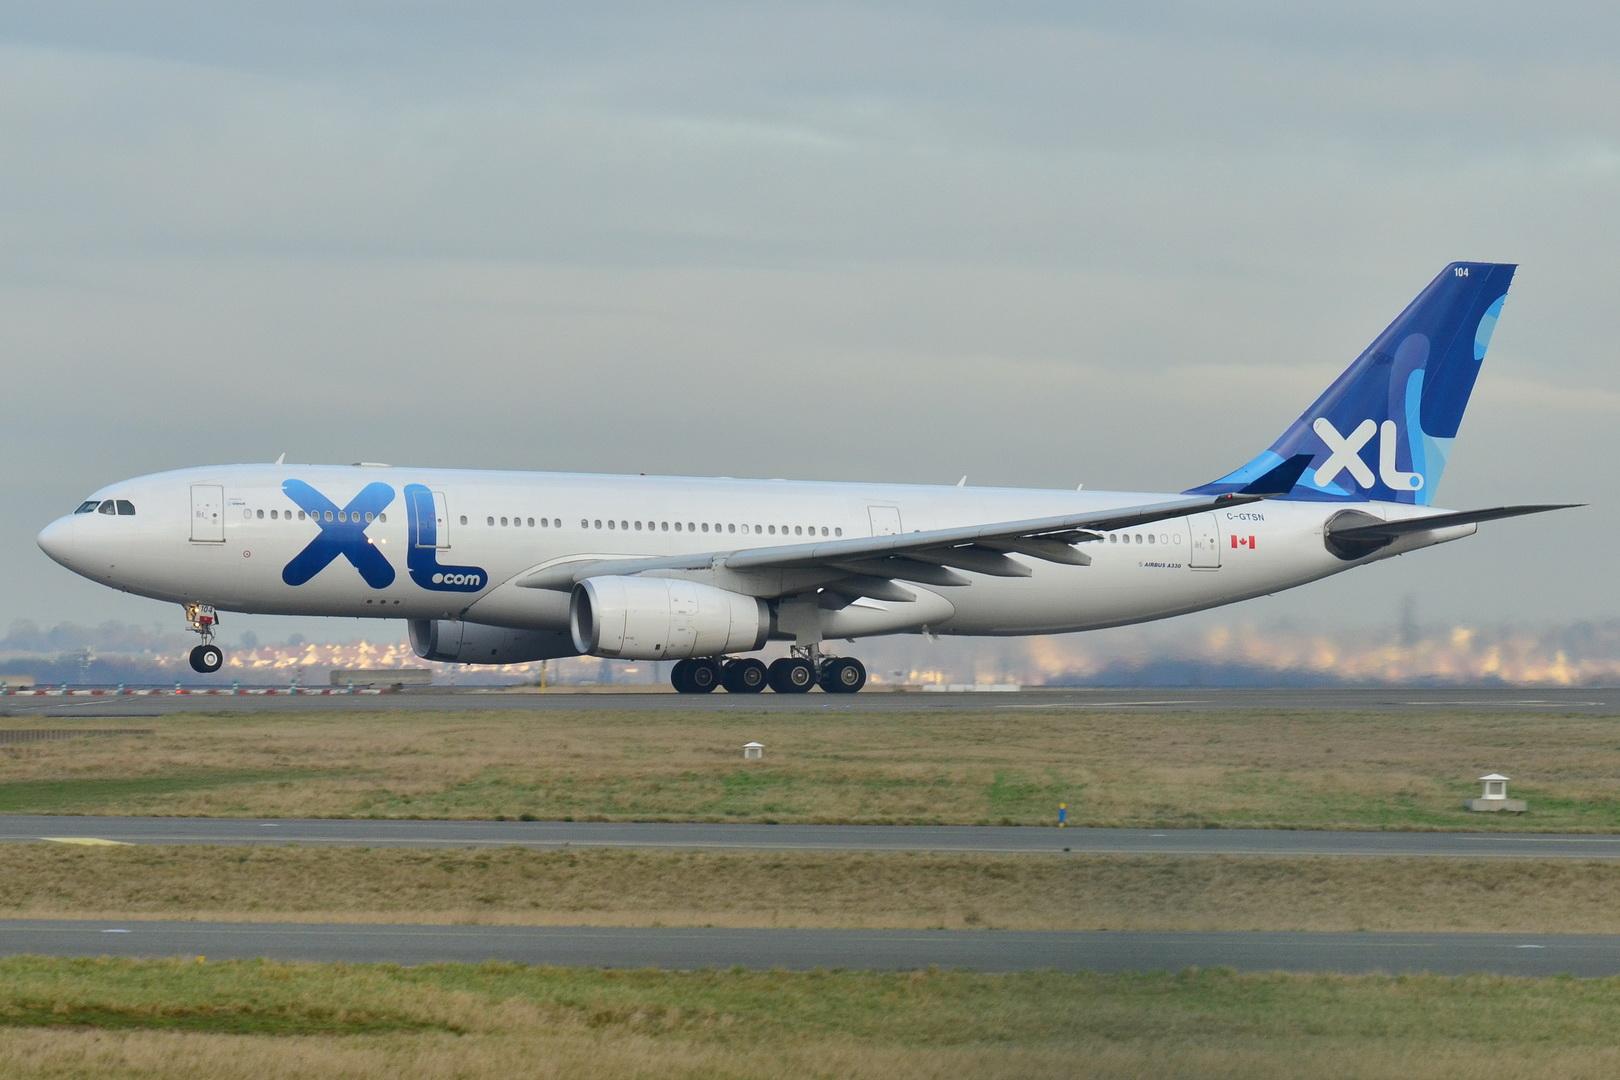 file airbus a330 200 xl aw xlf c gtsn msn 369 now return in air transat fleet 9272097388